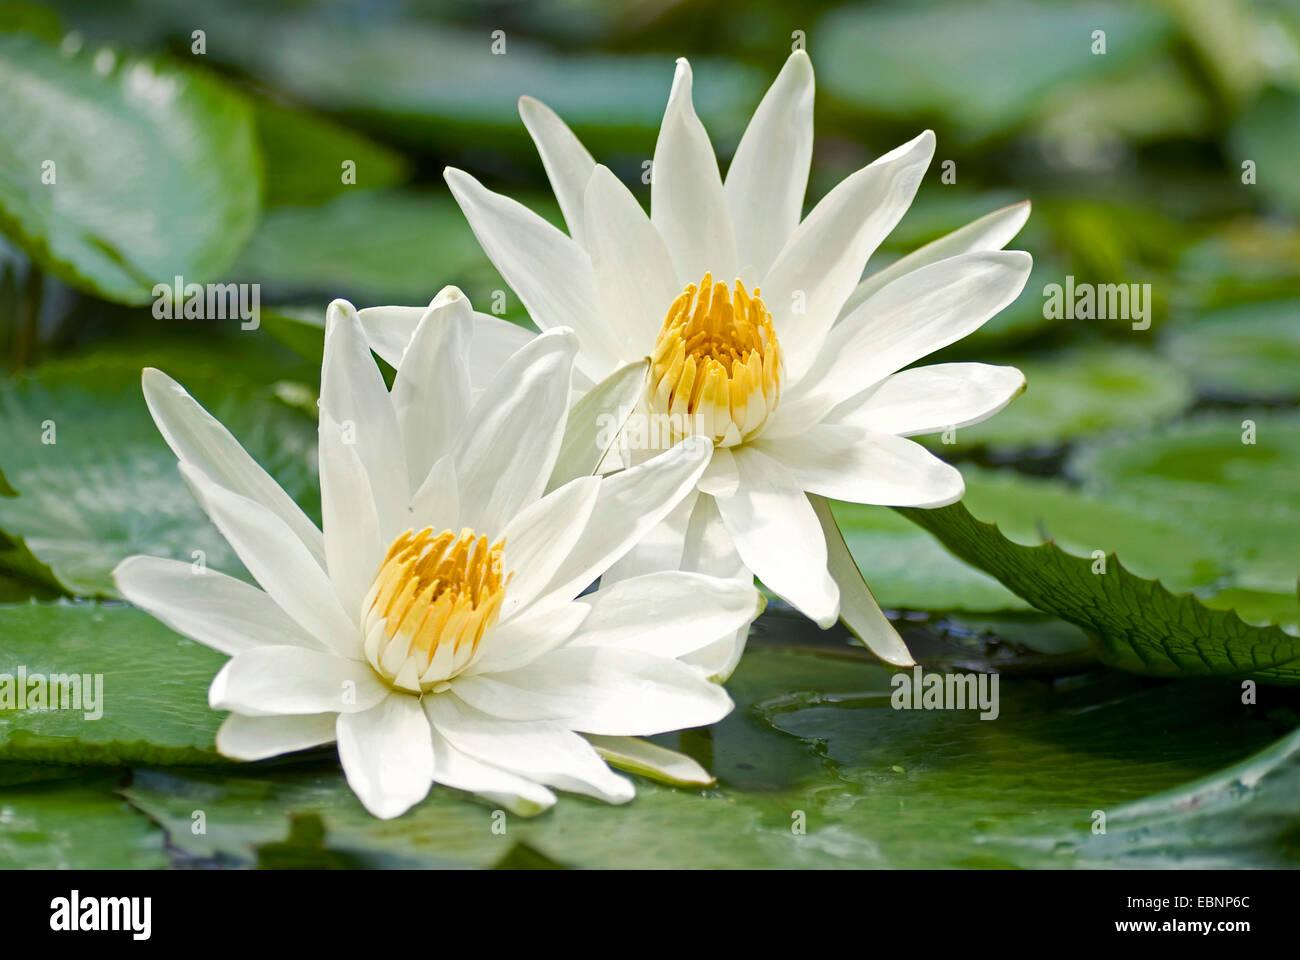 Egyptian Lotus Stock Photos Egyptian Lotus Stock Images Alamy